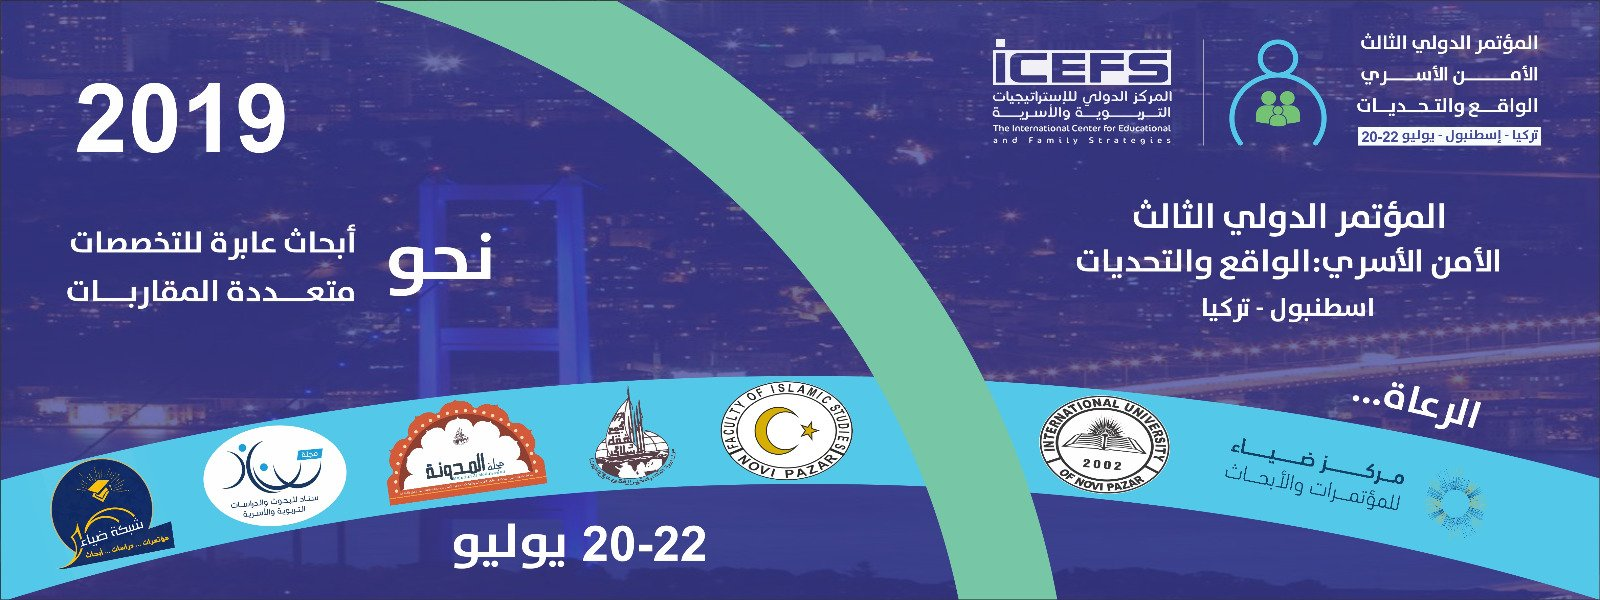 برنامج المؤتمر الدولي الثالث الأمن الأسري: الواقع والتحديات